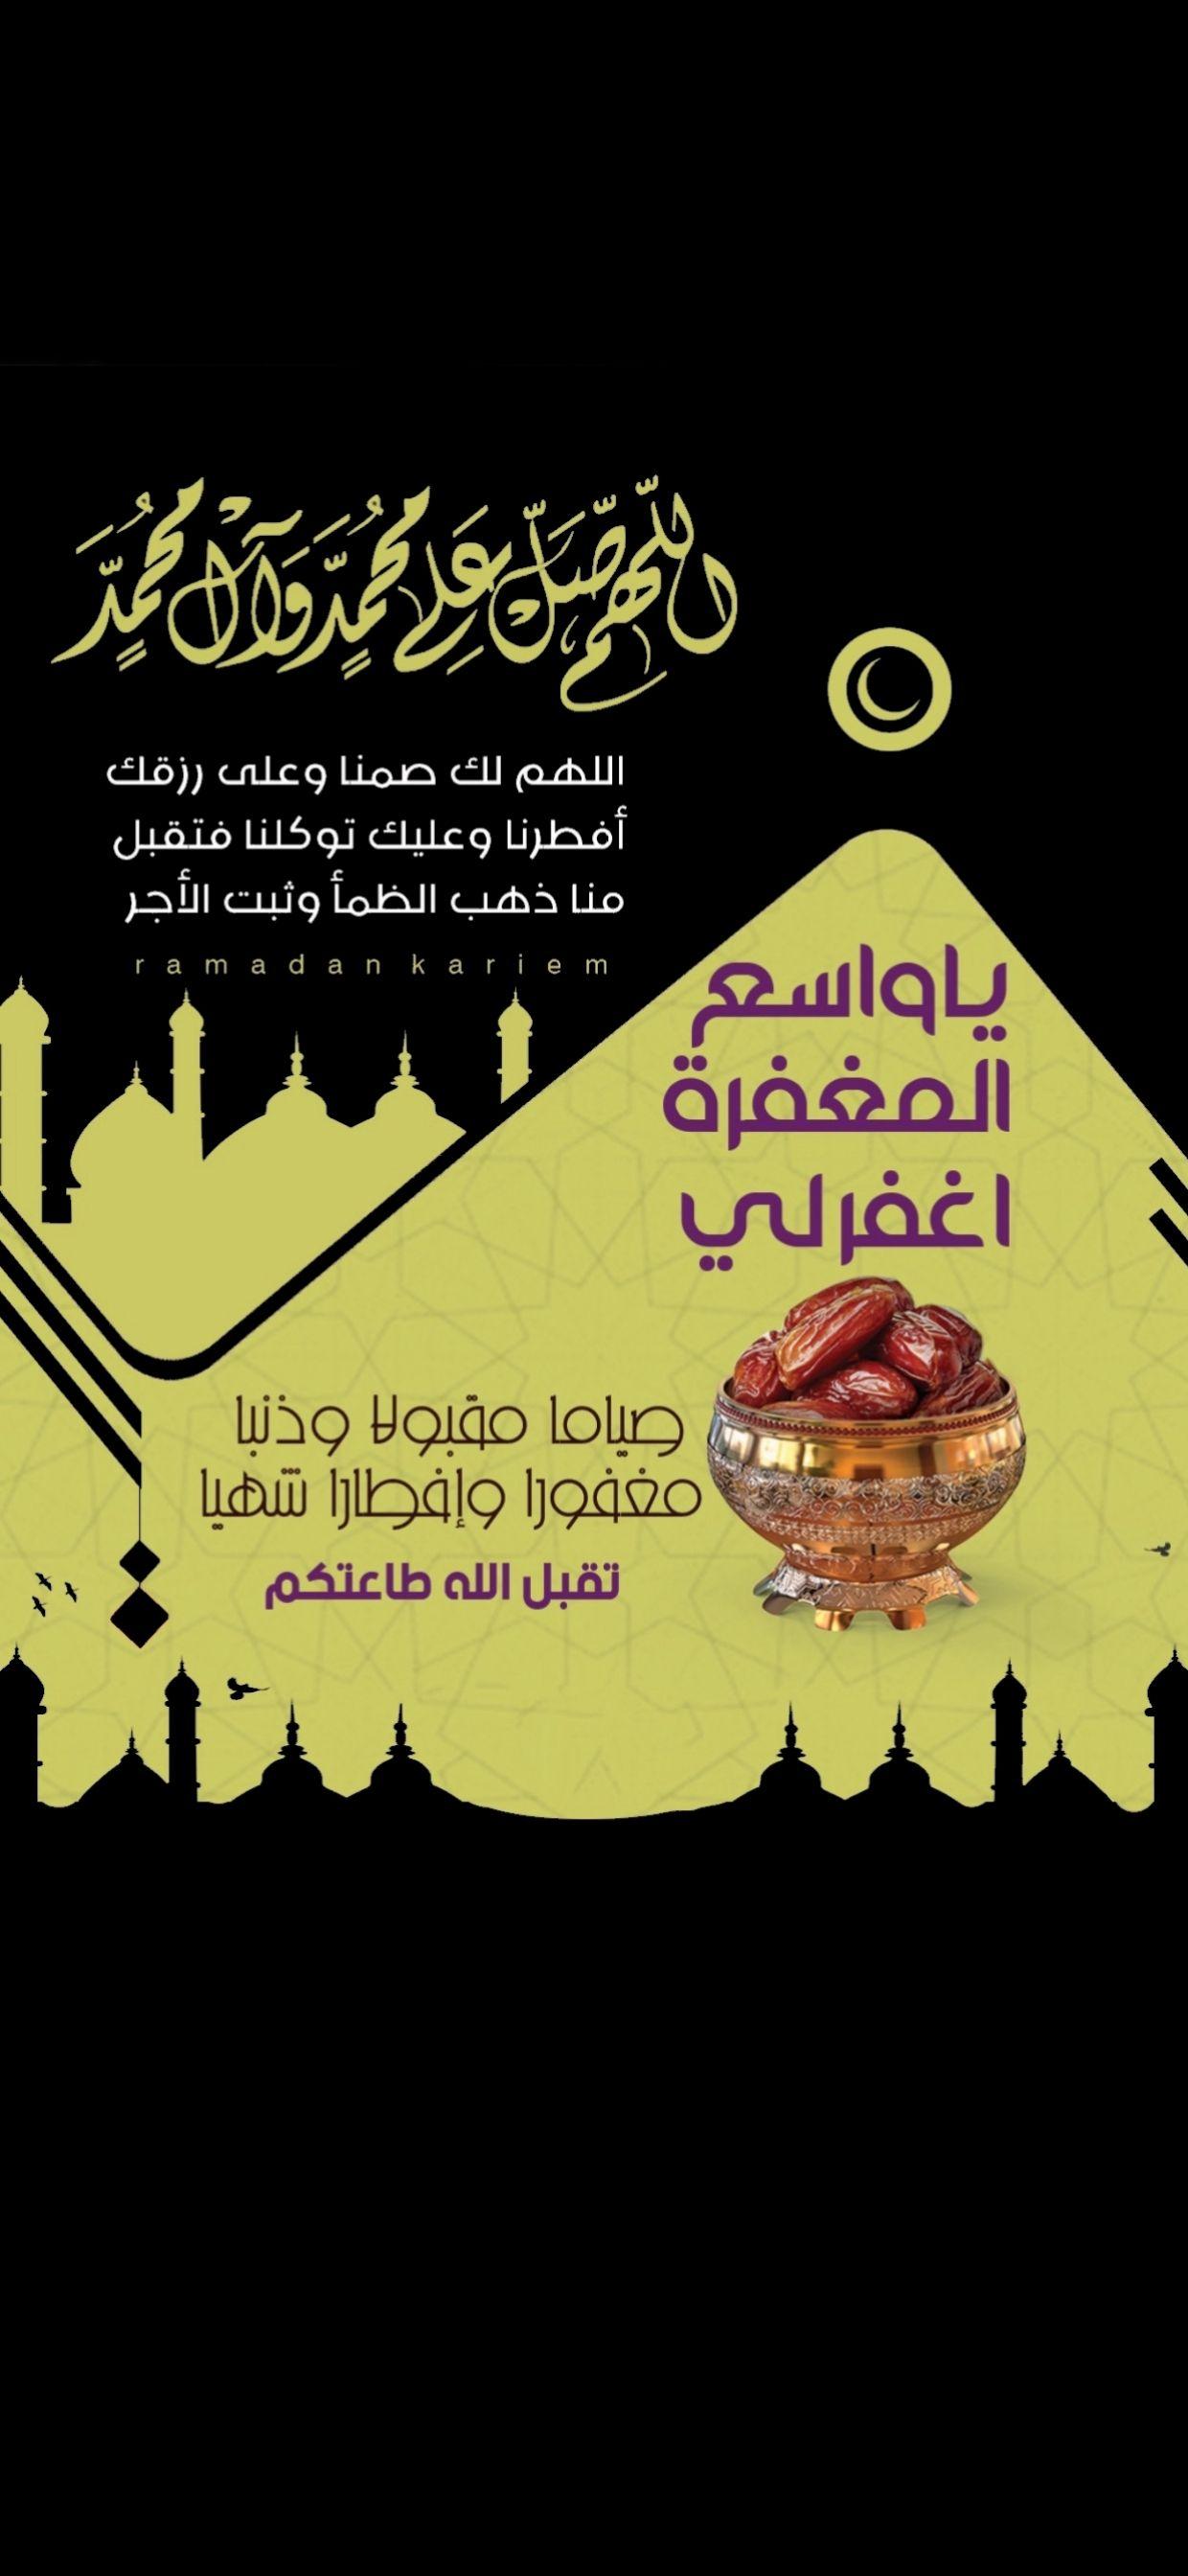 السعوديه الخليج رمضان الشرق الأوسط سناب كويت فايروس كورونا تصميم شعار لوقو دعاء Snapchat Movie Posters Poster